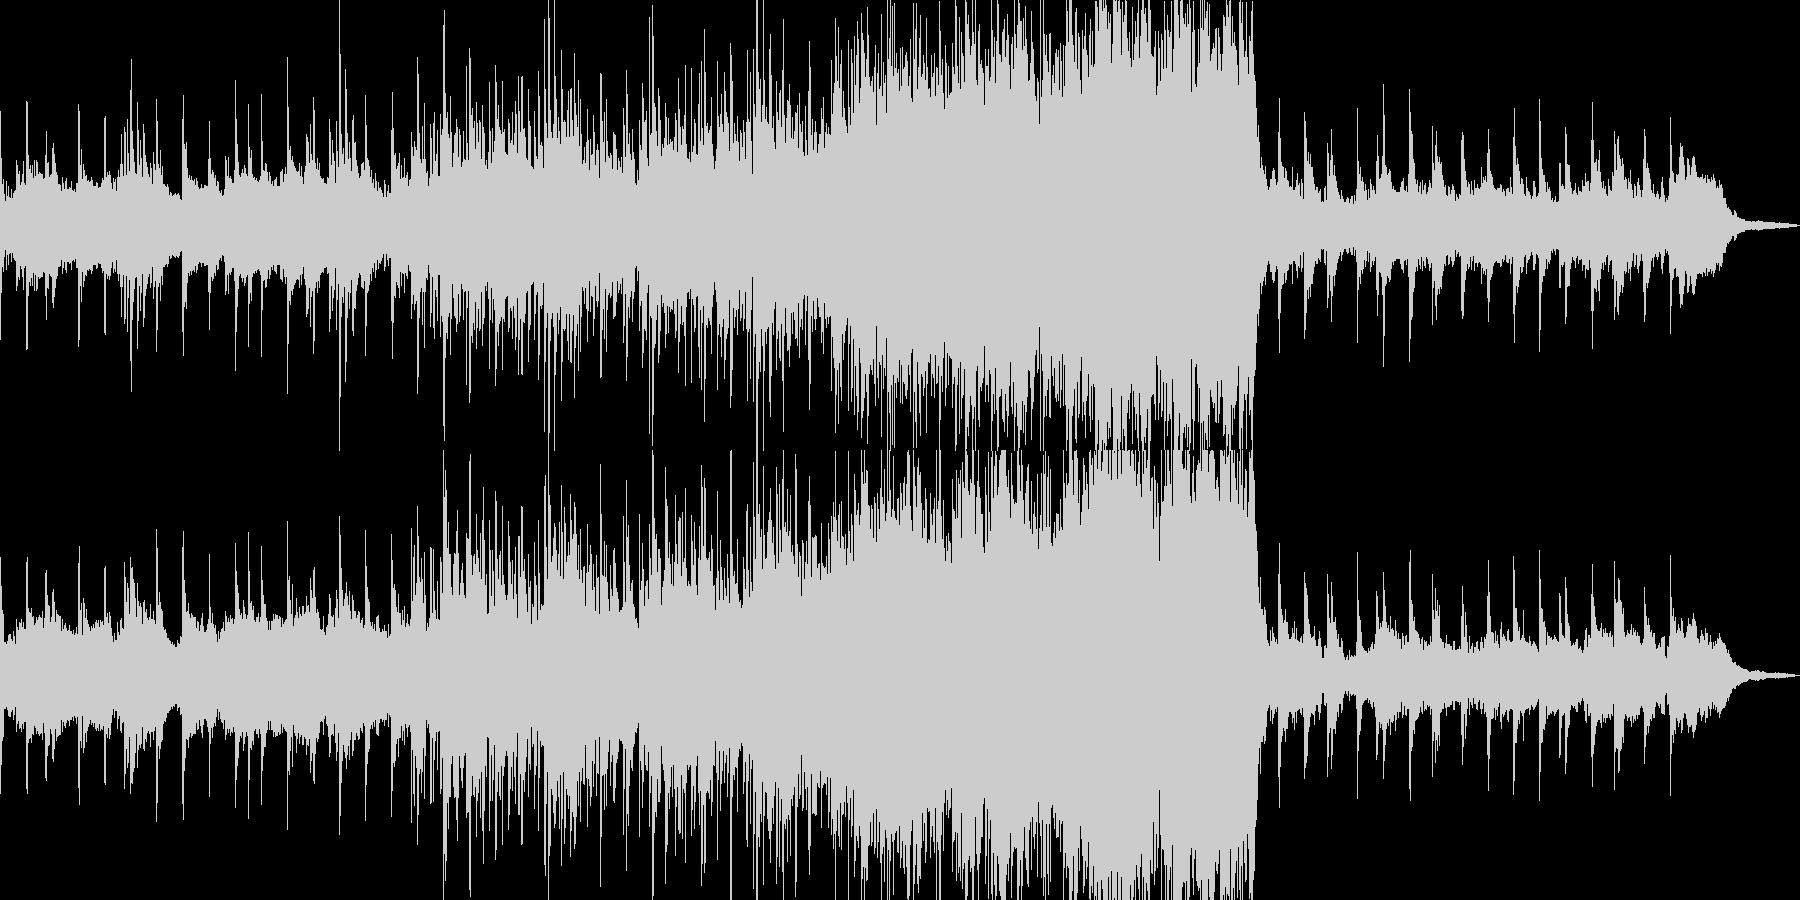 現代の交響曲 感情的 バラード 厳...の未再生の波形